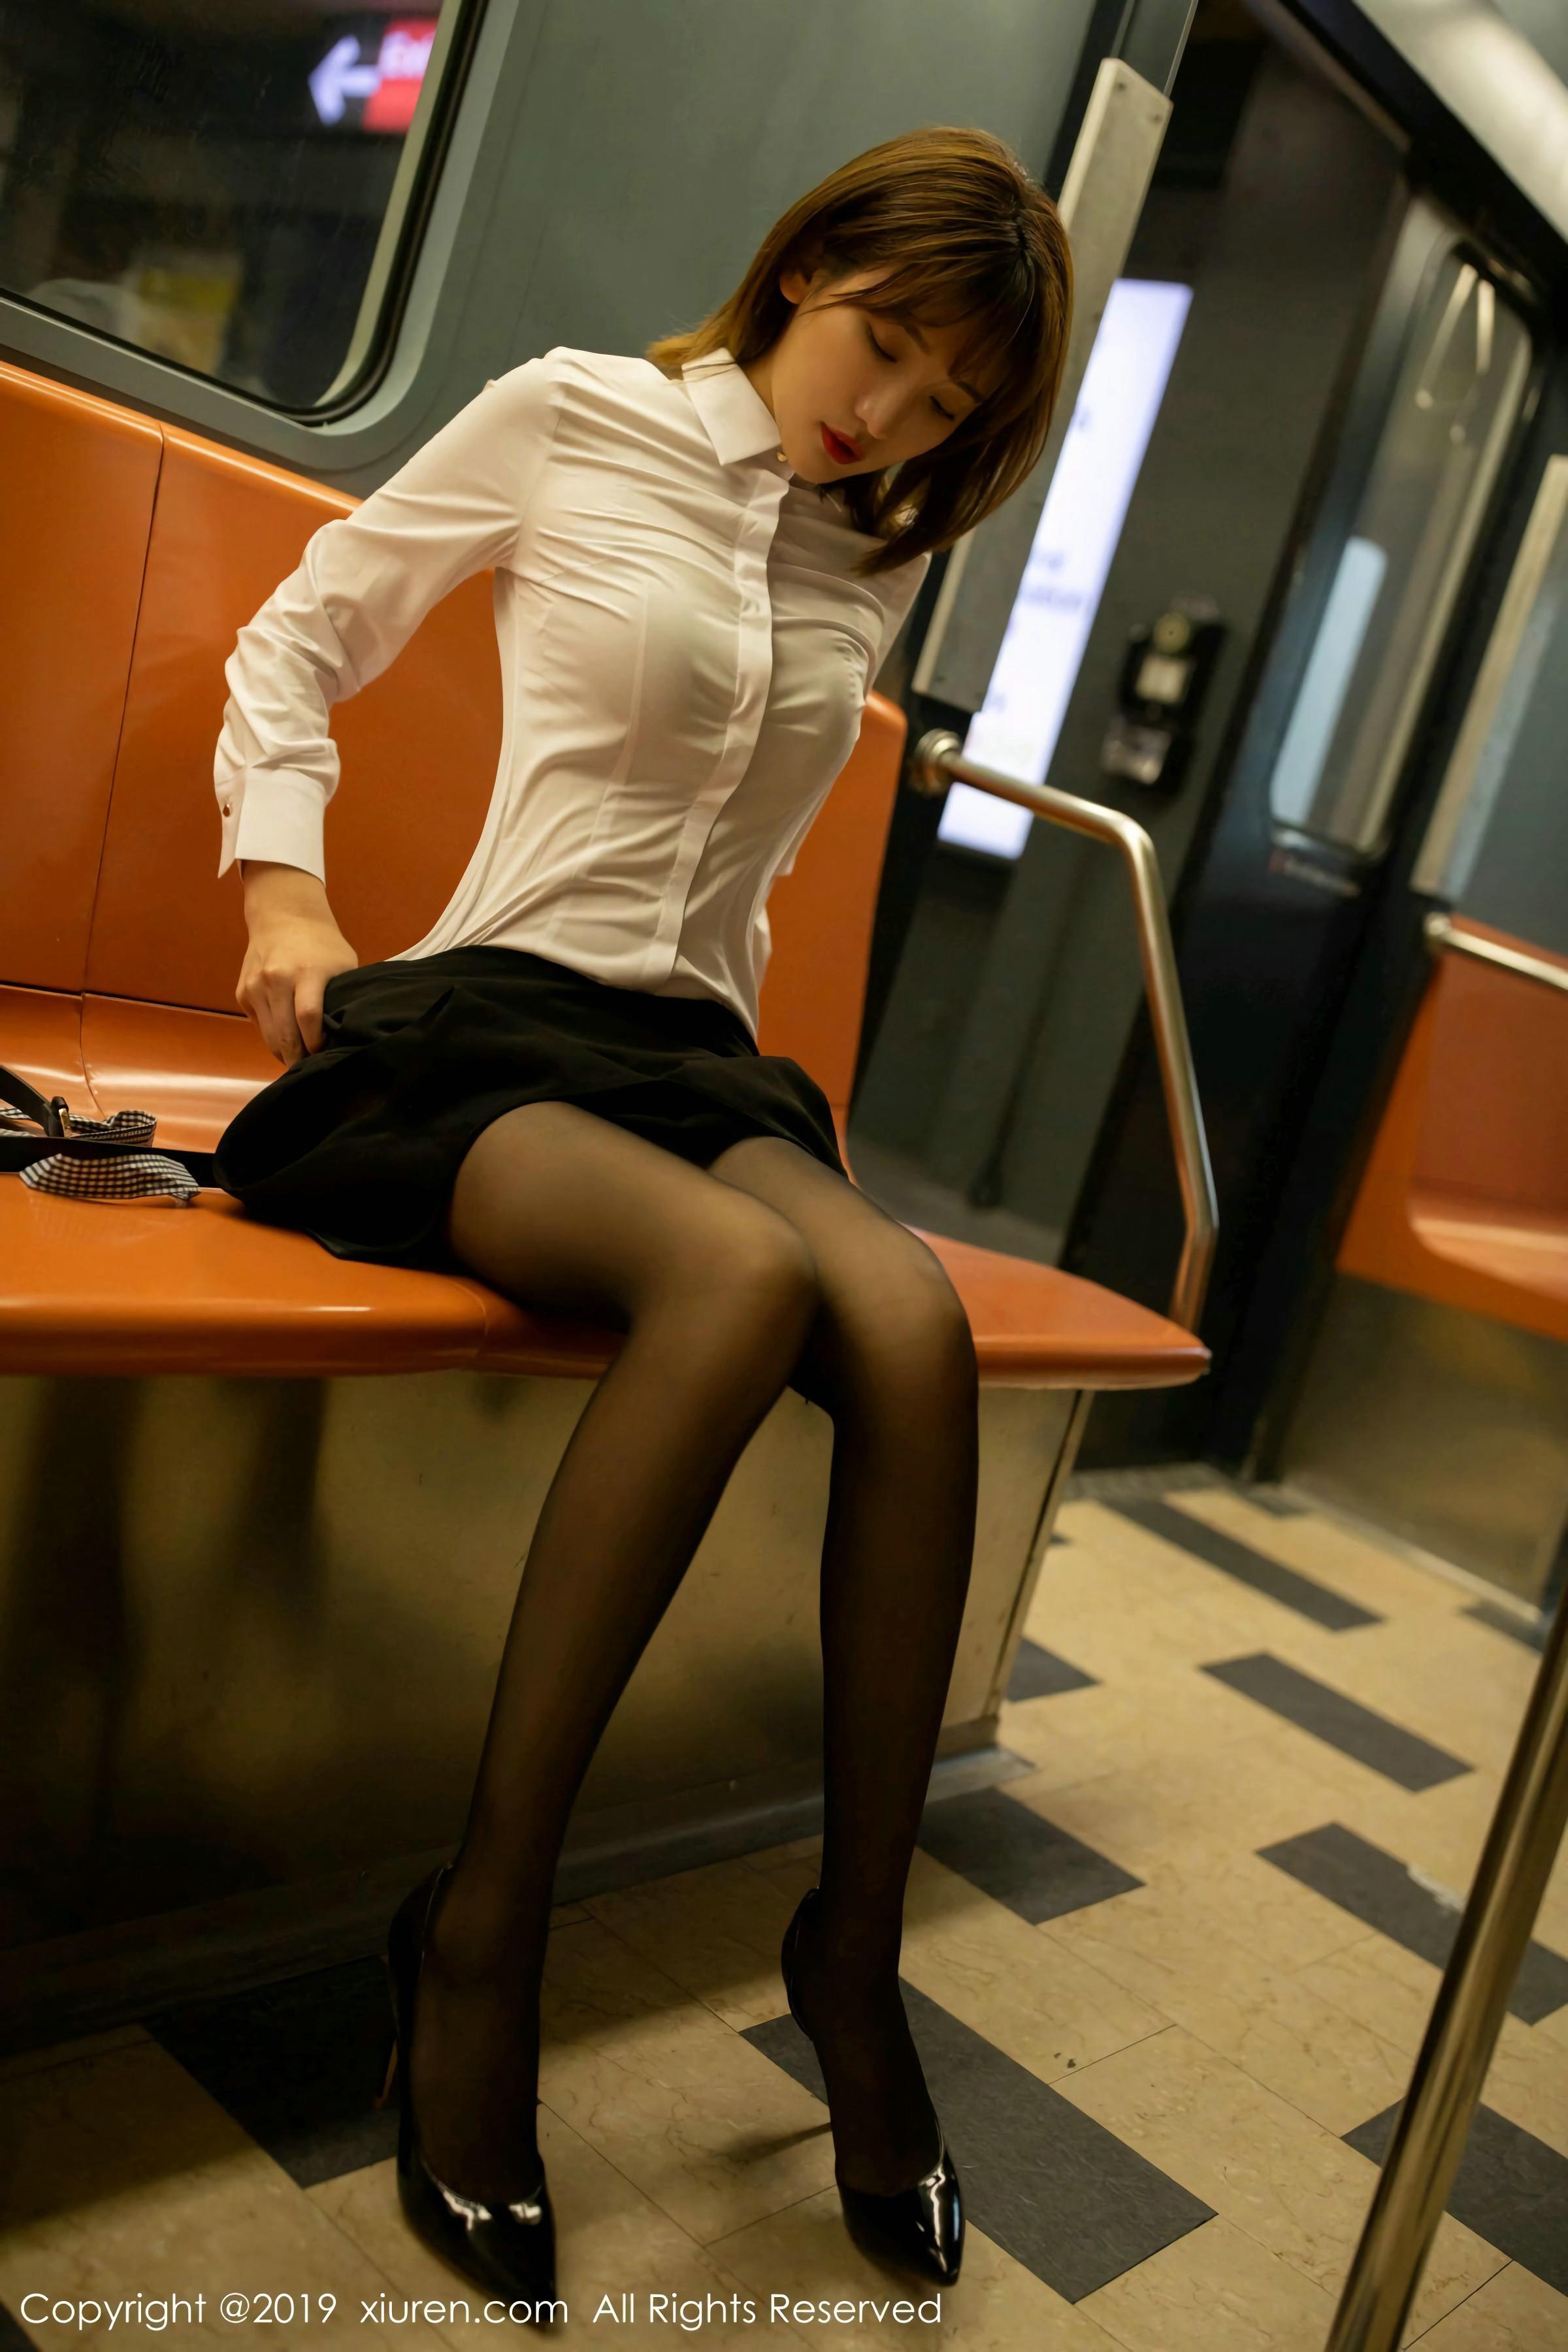 小姐姐身材美妙 高跟丝足诱惑力十足